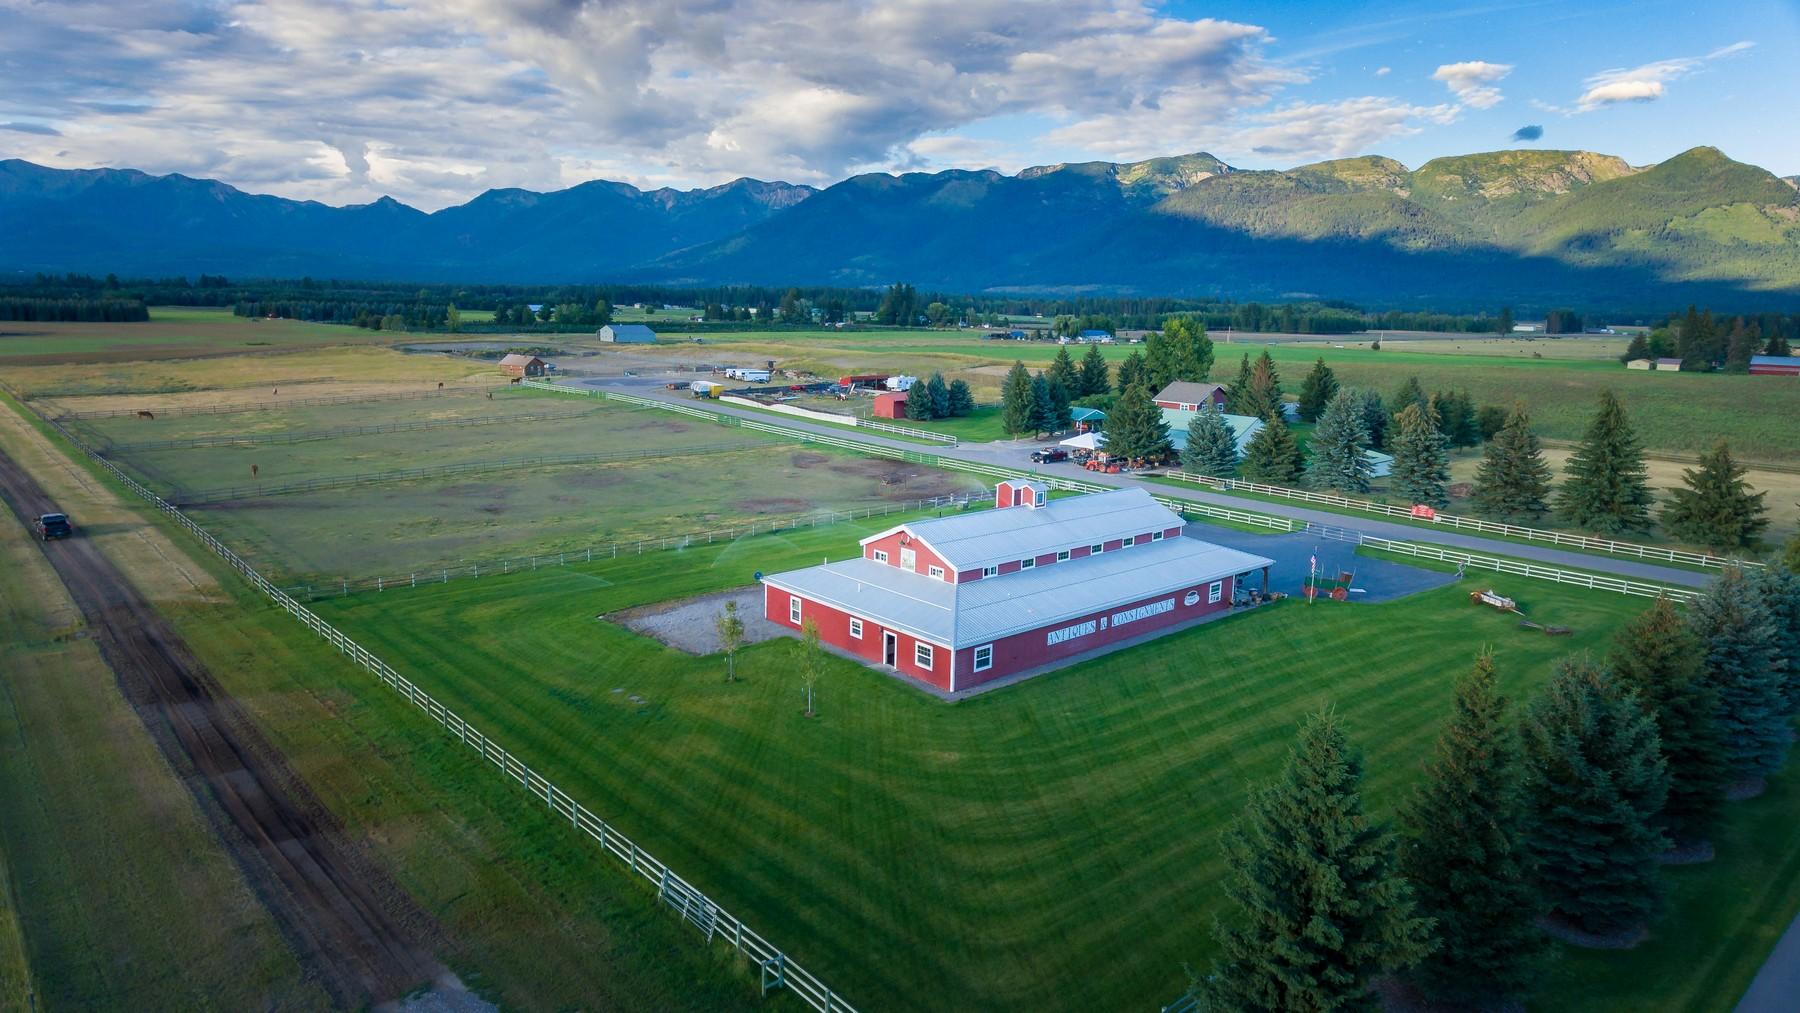 Land for Sale at 179 Hill Rd , Bigfork, MT 59911 179 Hill Rd Bigfork, Montana 59911 United States